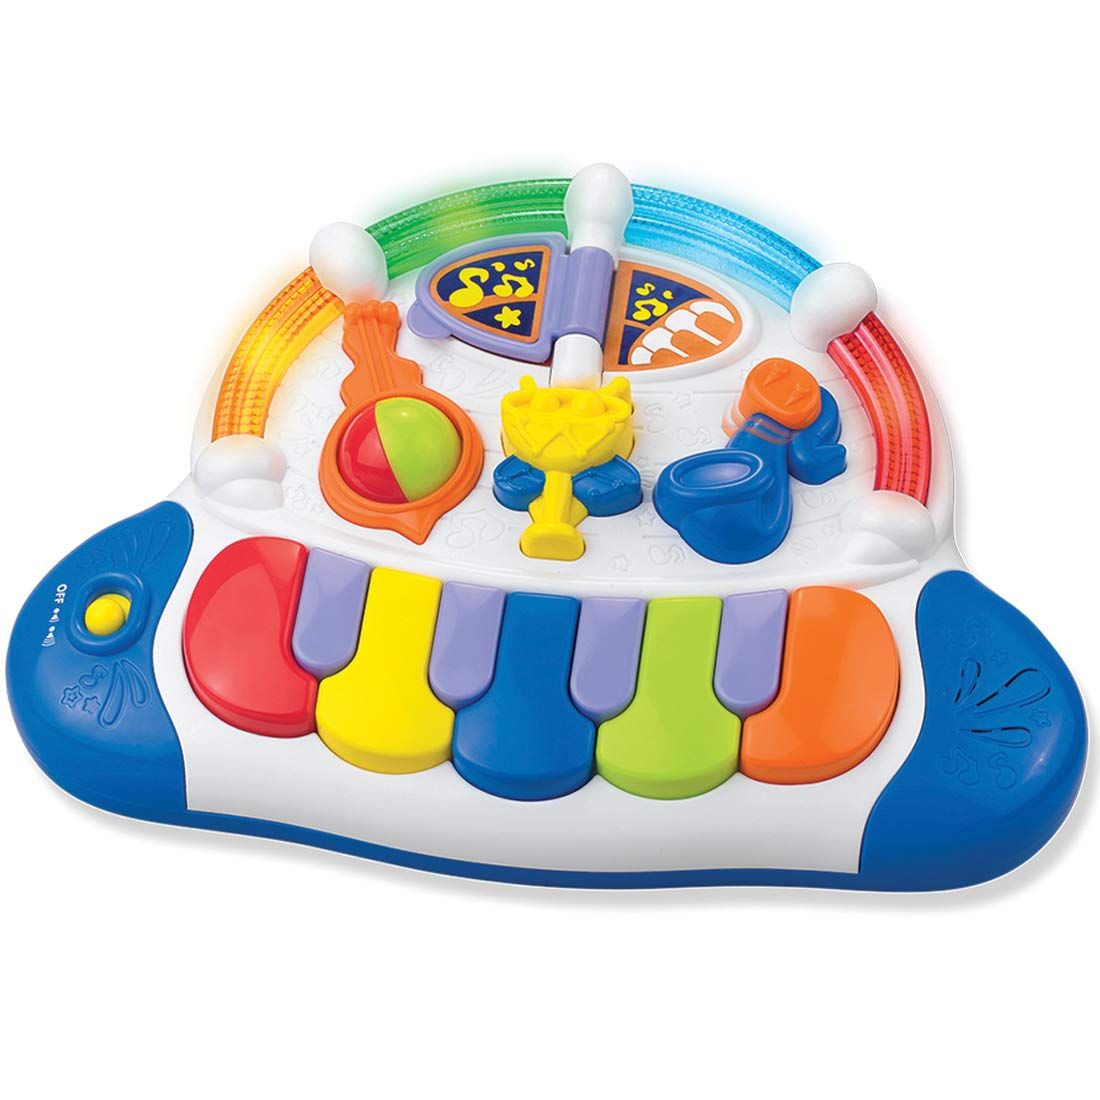 Partner Jouet - HKT3857T - Jeu éducatif premier âge - Activité d'éveil - Piano W01/3857T